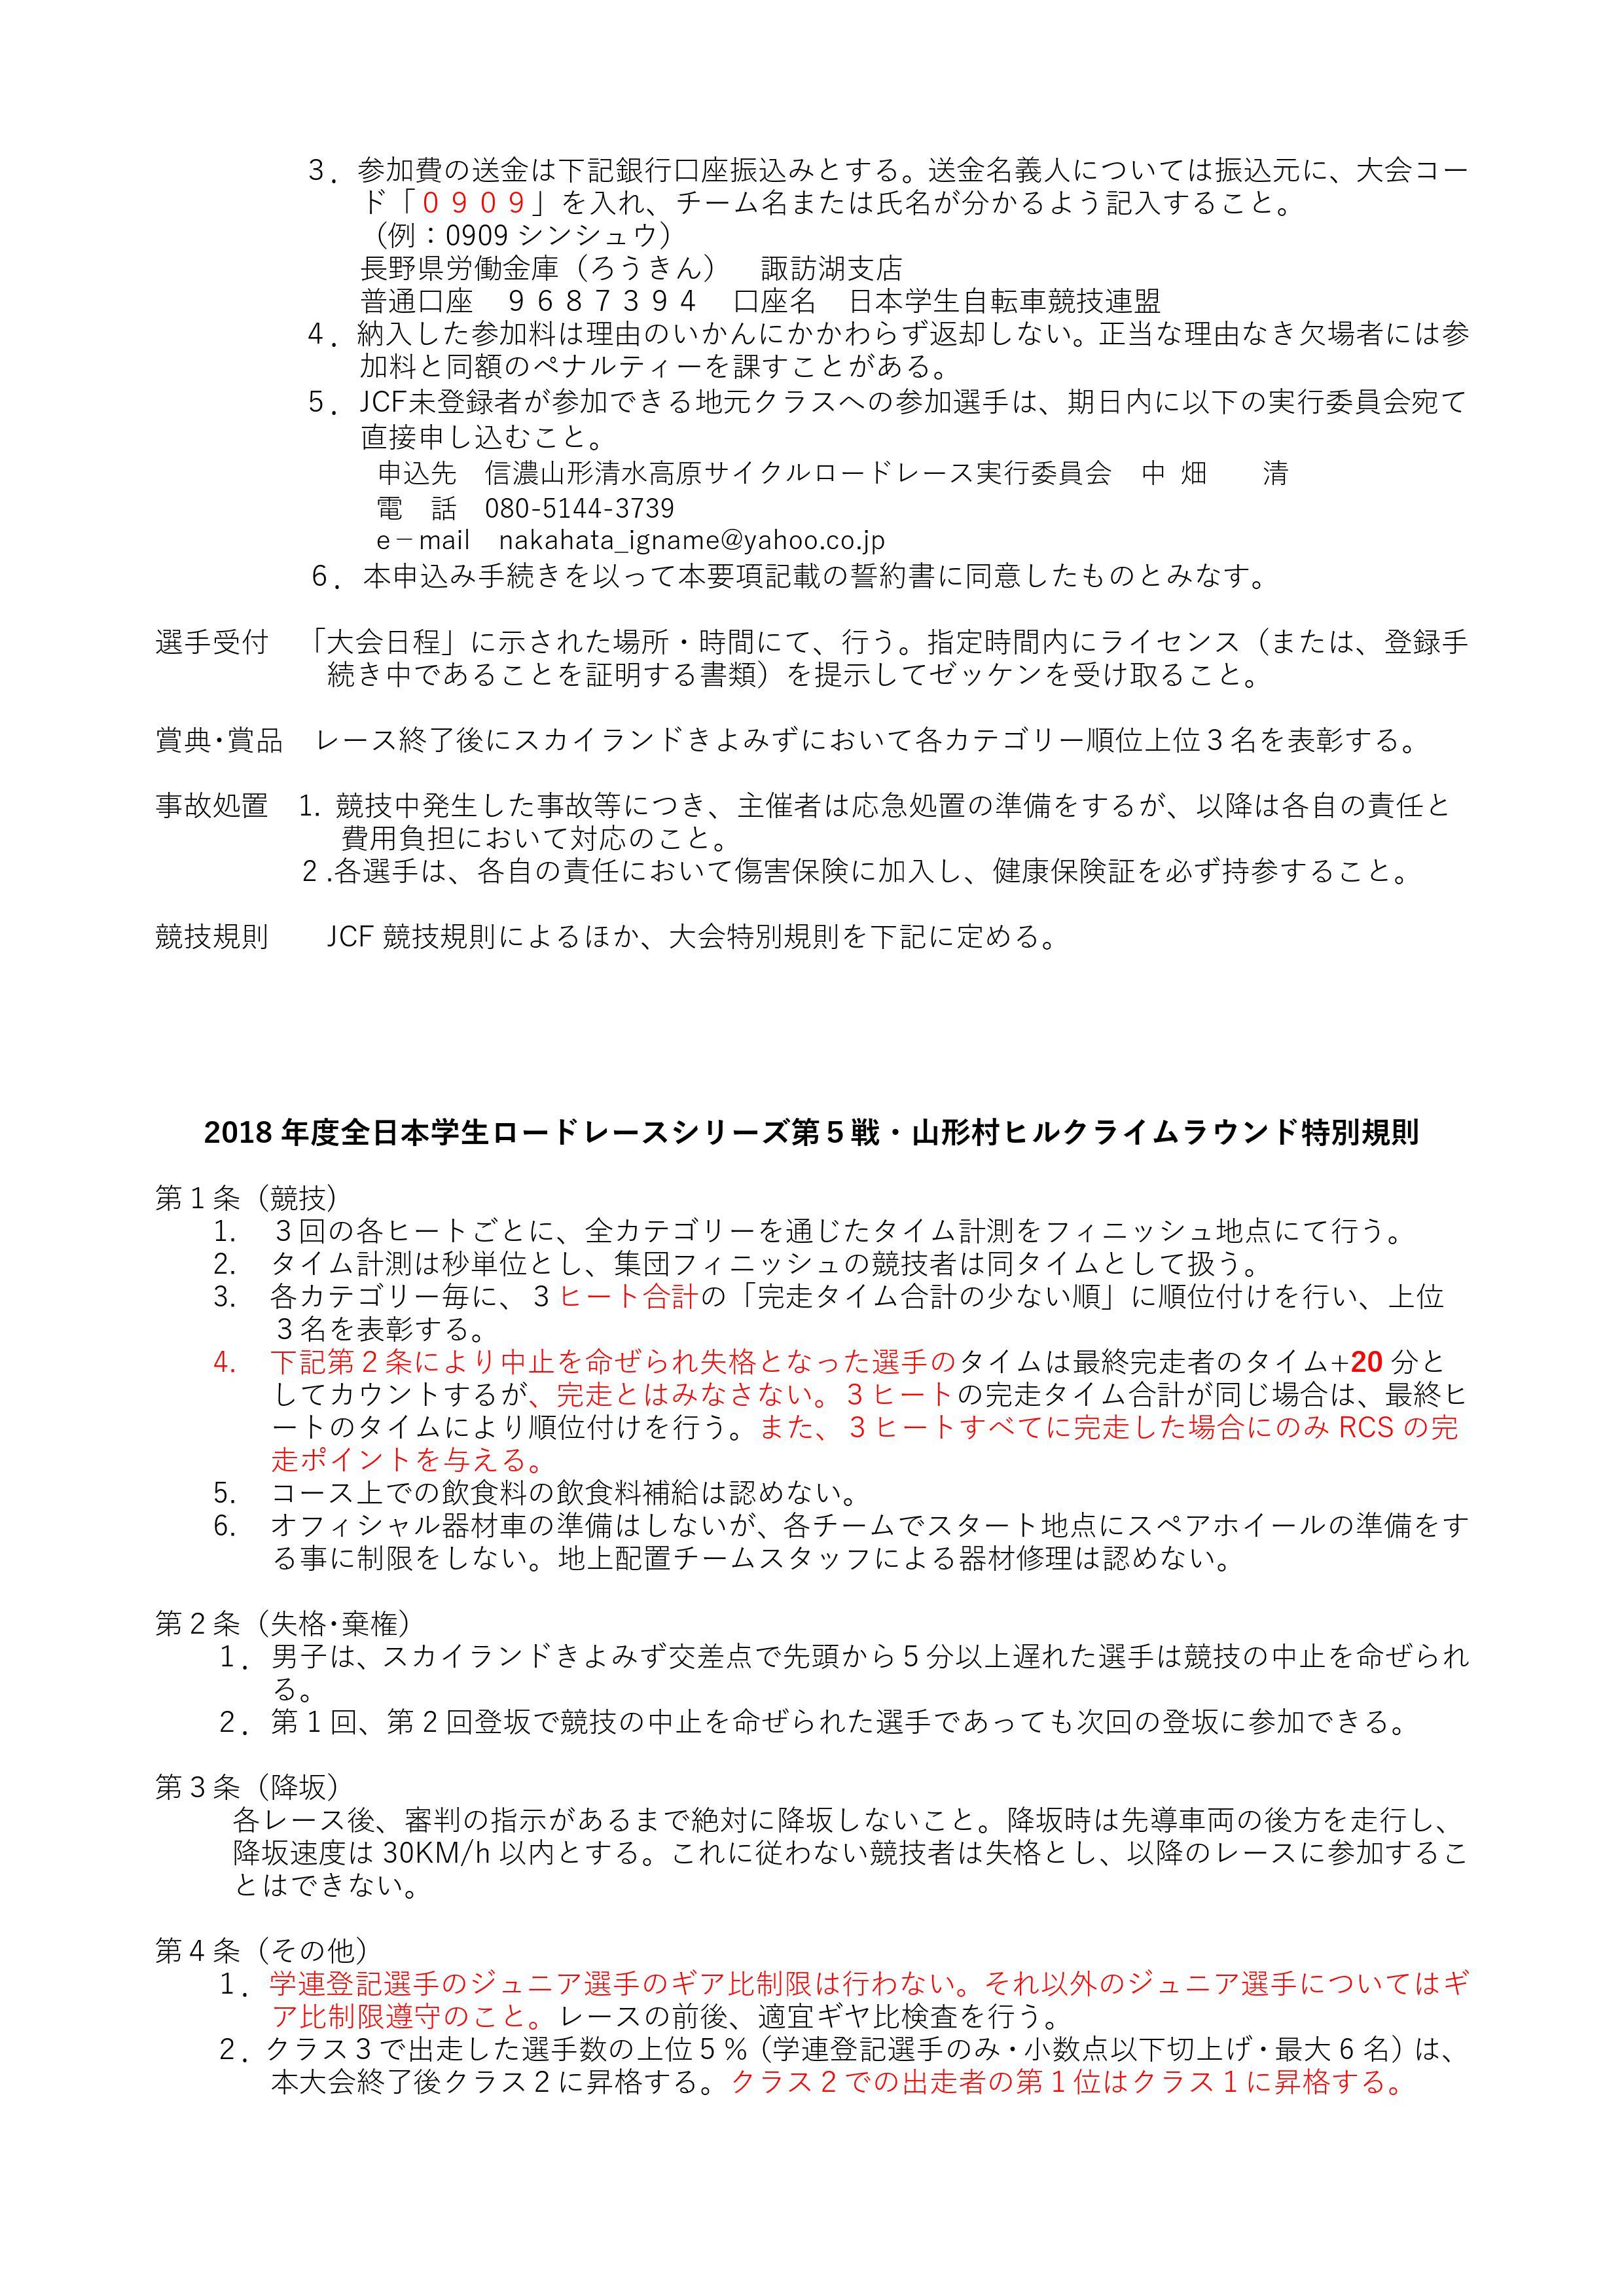 16rcs07_yoko_160804_02